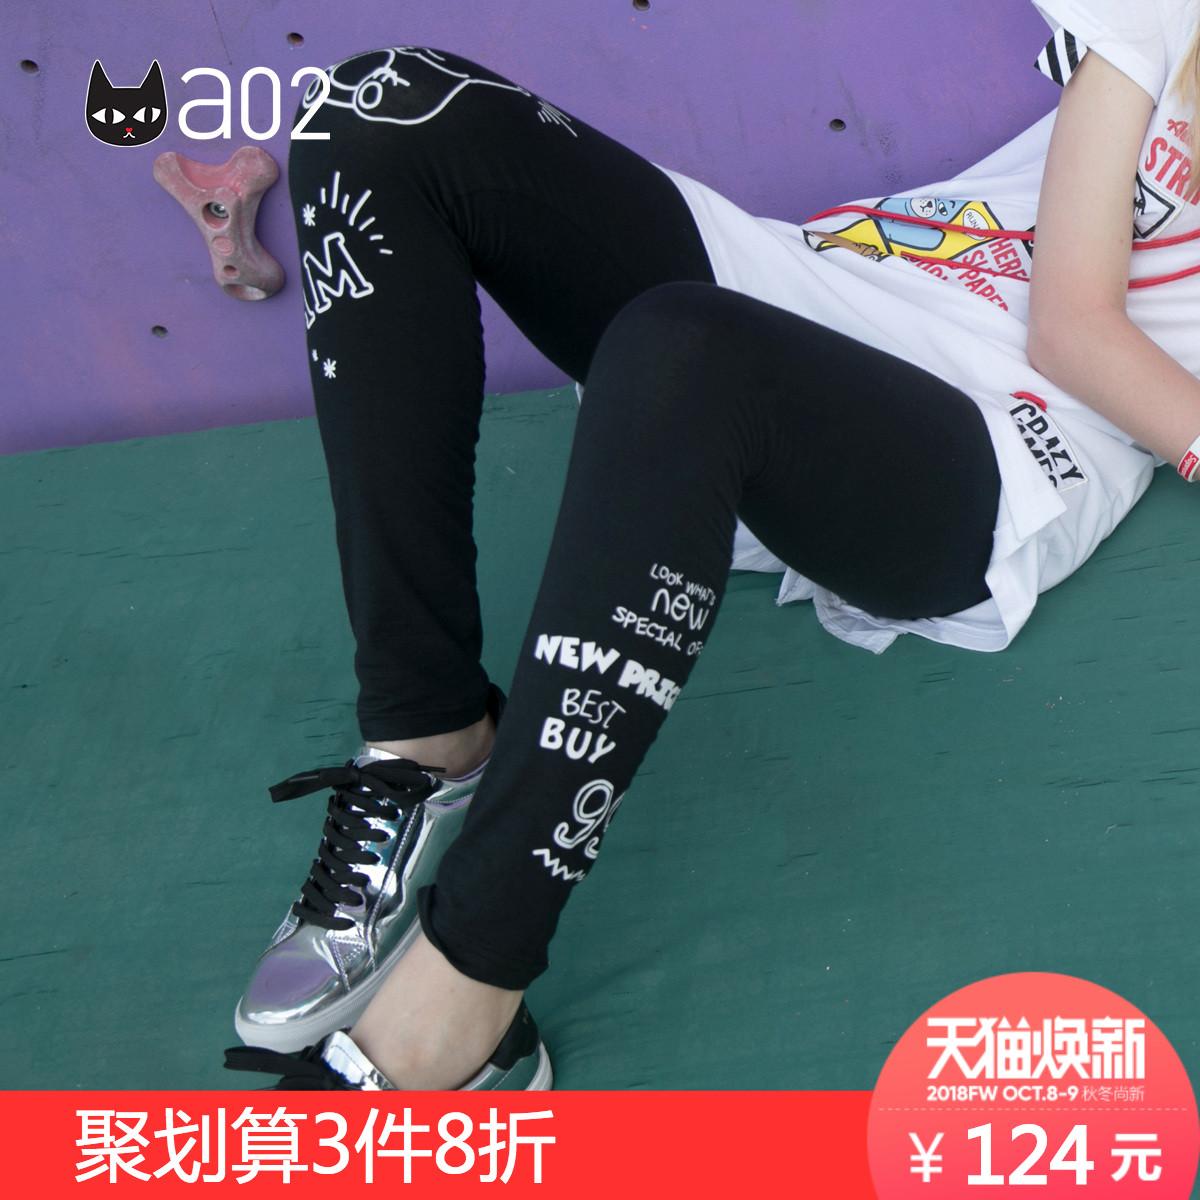 a02商场同款玩酷潮流范卡通图案修身打底裤外穿女D2S1A0011PN